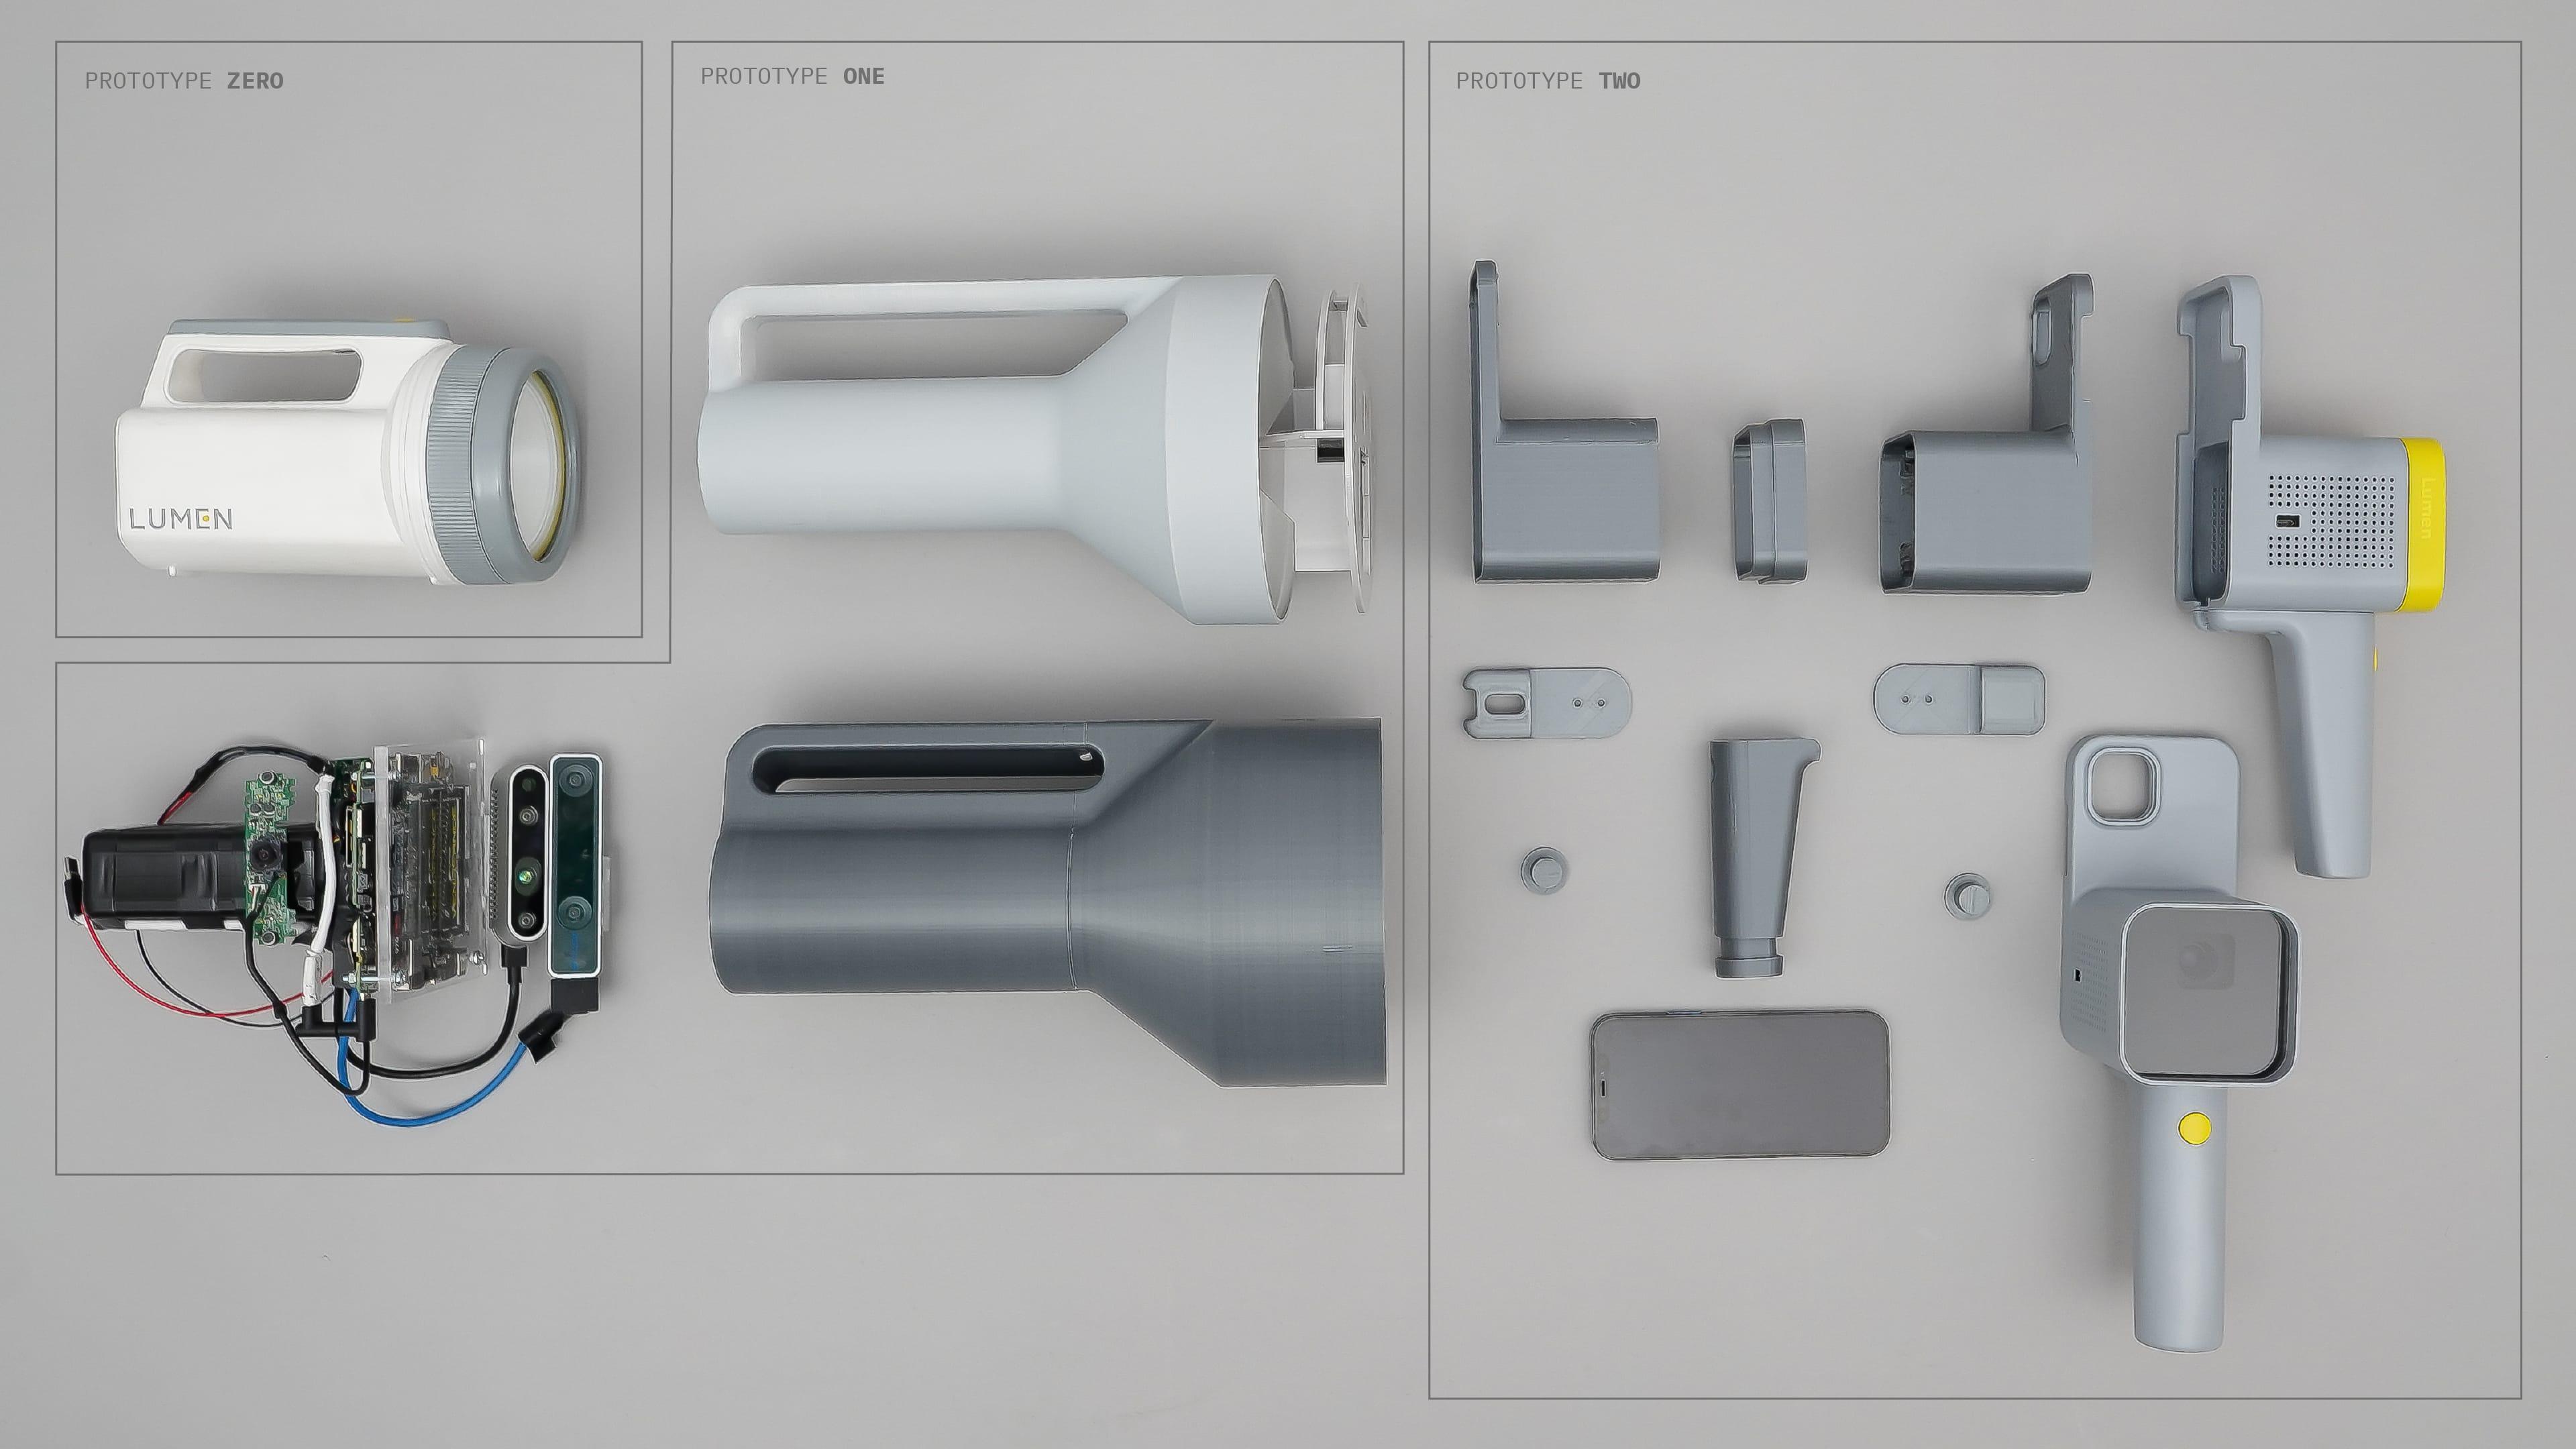 All the Lumen prototypes